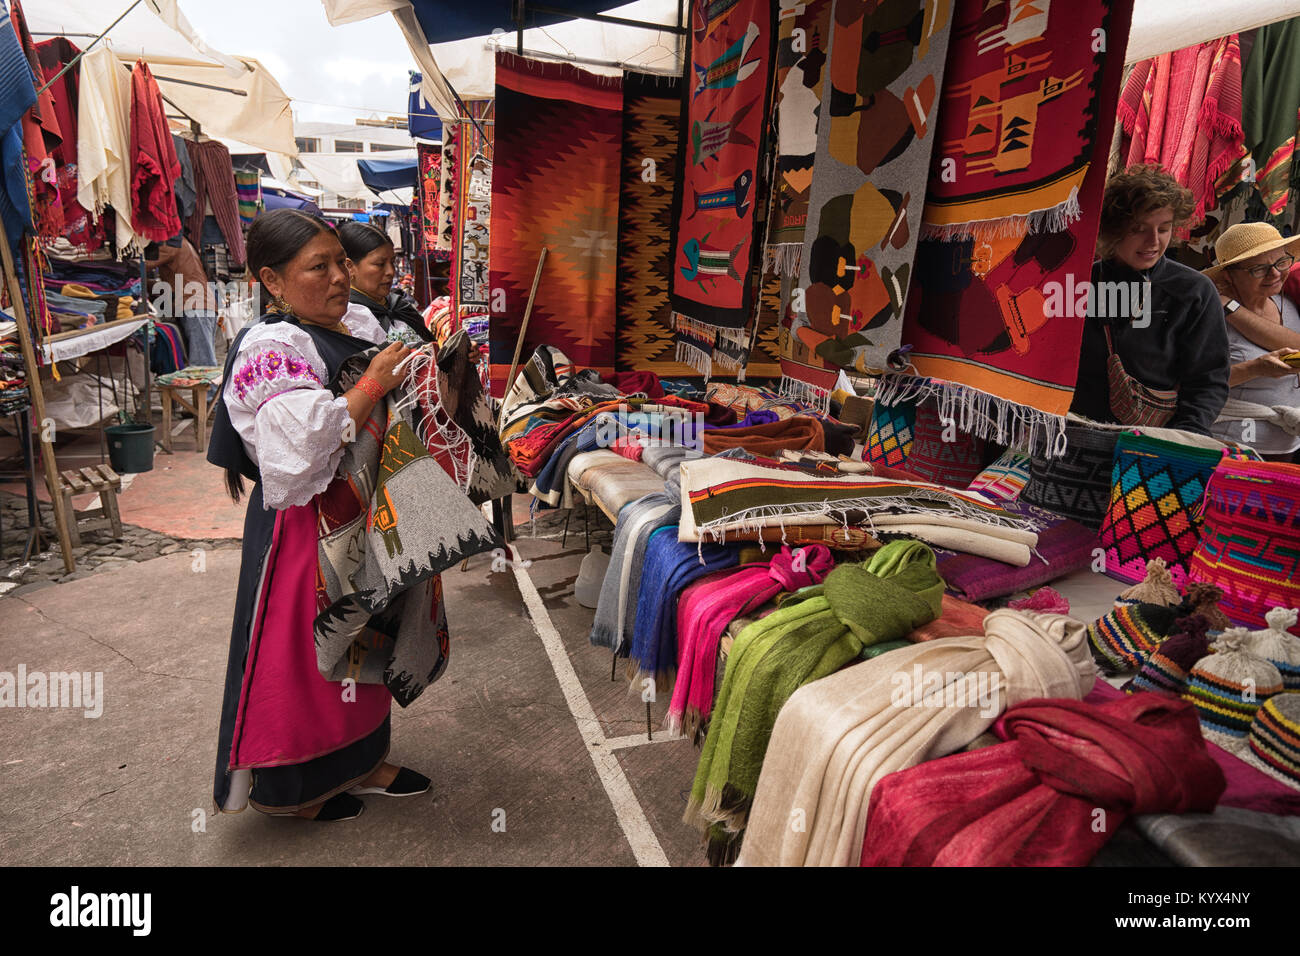 Otavalo, Ecuador - Enero 13, 2018: el mercado artesanal en la Plaza de Ponchos es muy popular con los turistas. Imagen De Stock